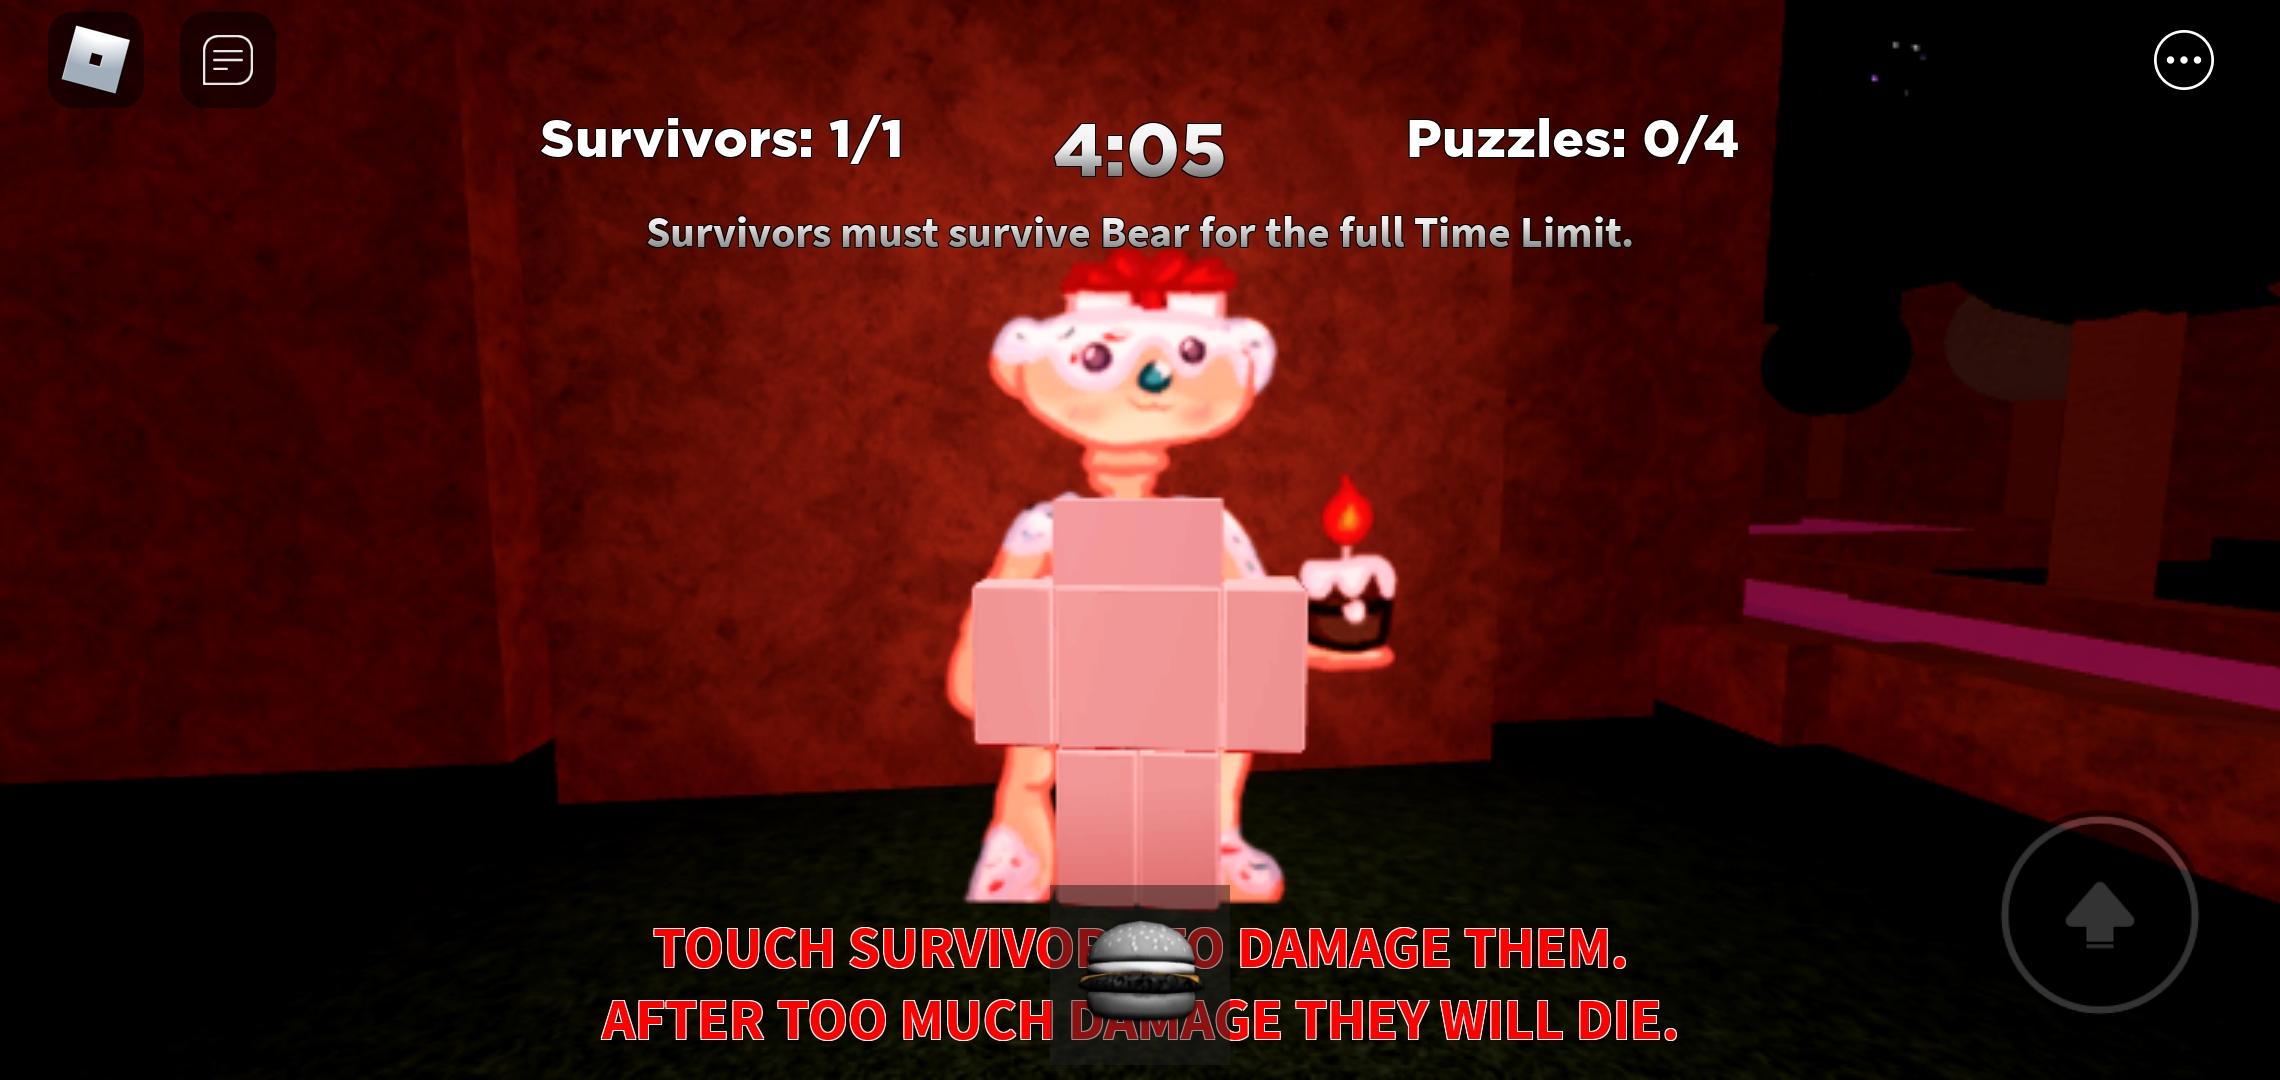 Killer Bear Morph Roblox All Posts By Snackattack256 Fandom